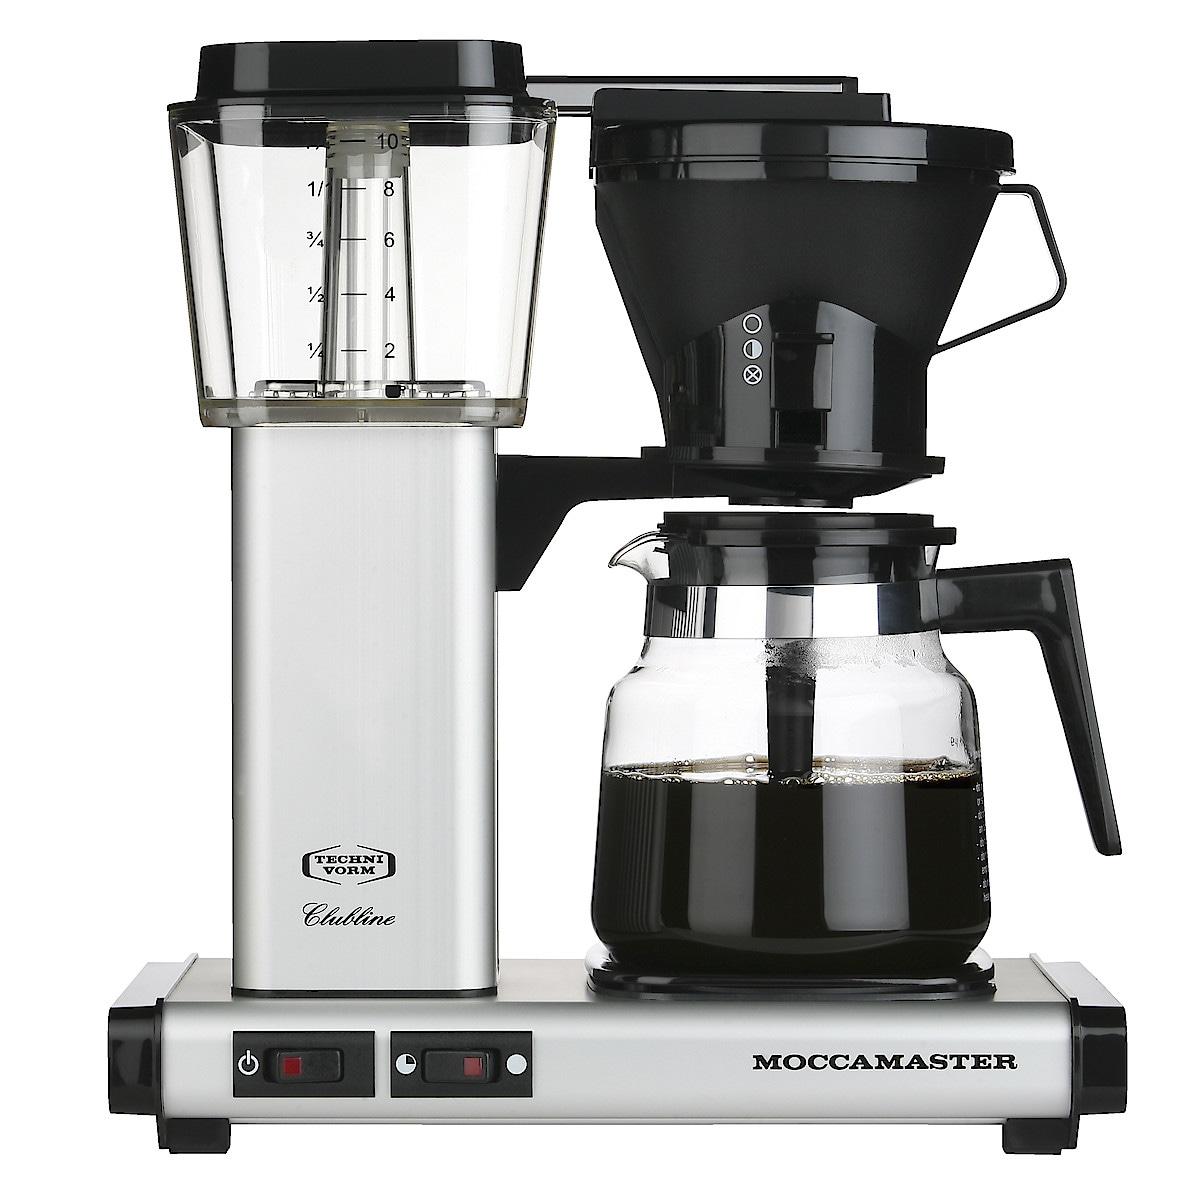 Moccamaster KB952AO, kaffebryggare